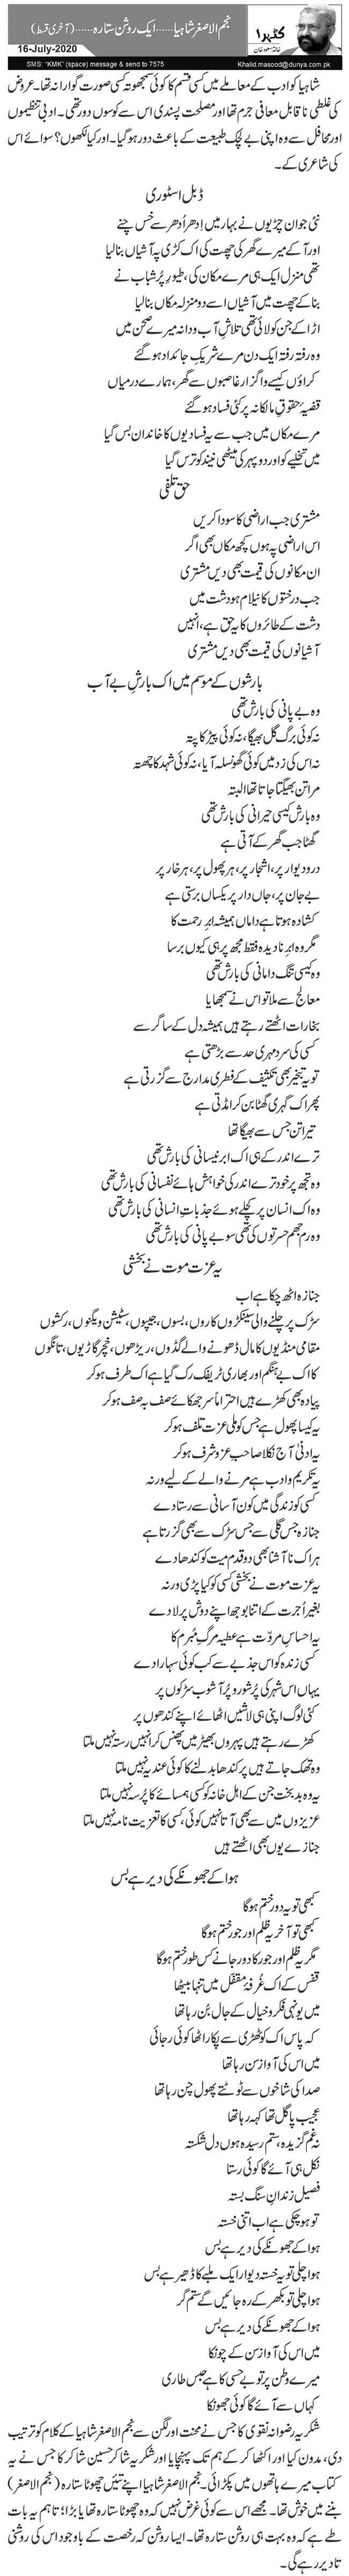 نجم الاصغر شاہیا… ایک روشن ستارہ …(آخری قسط)